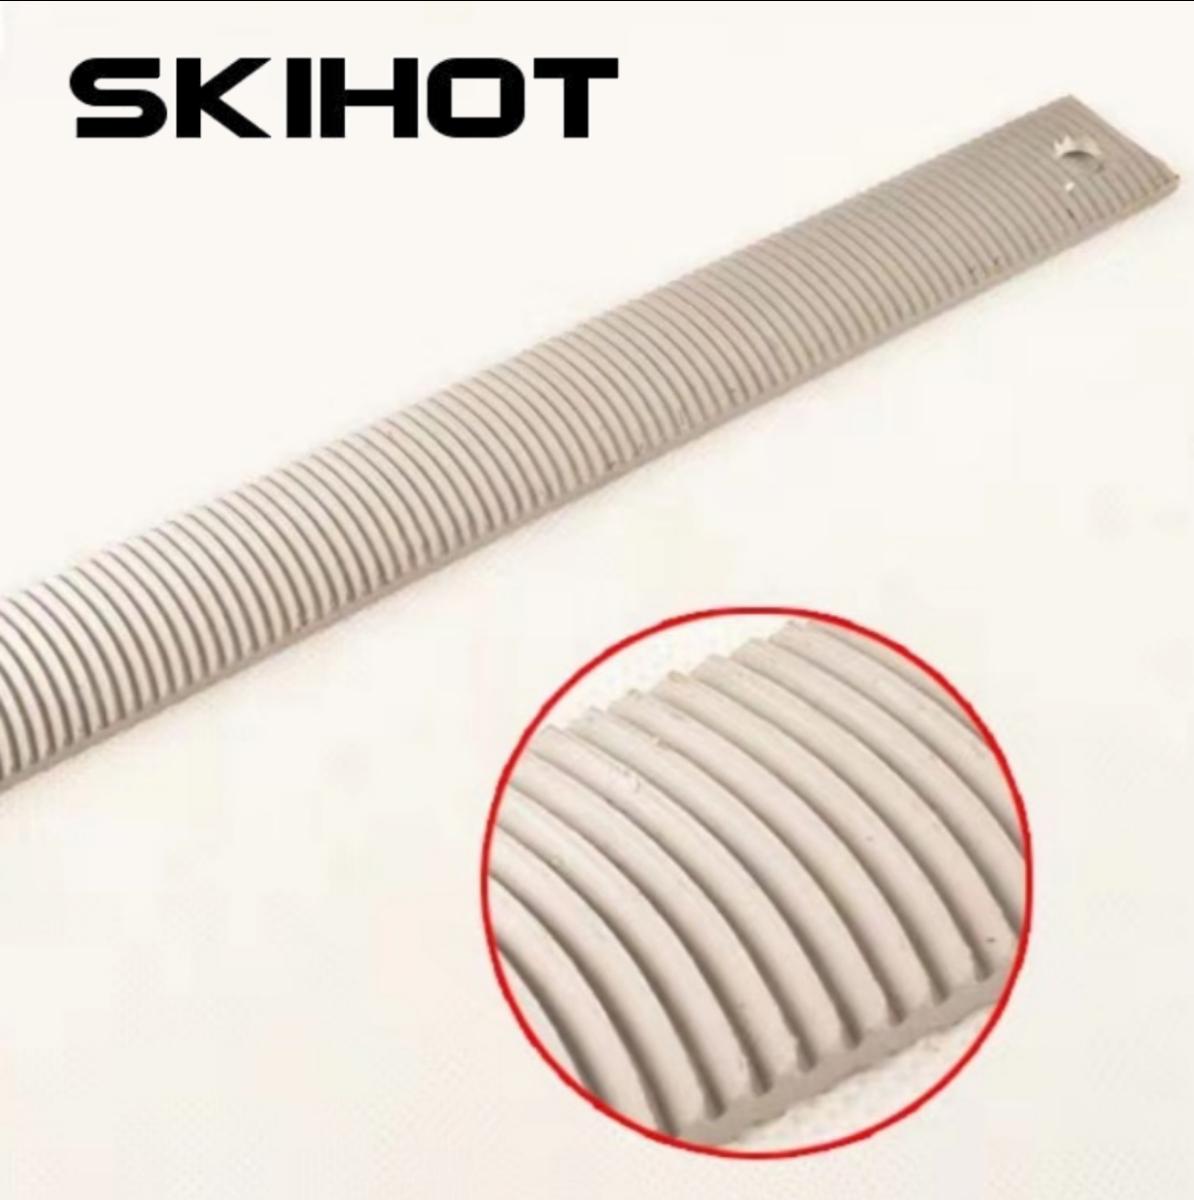 SKIHOT Fish Scale File